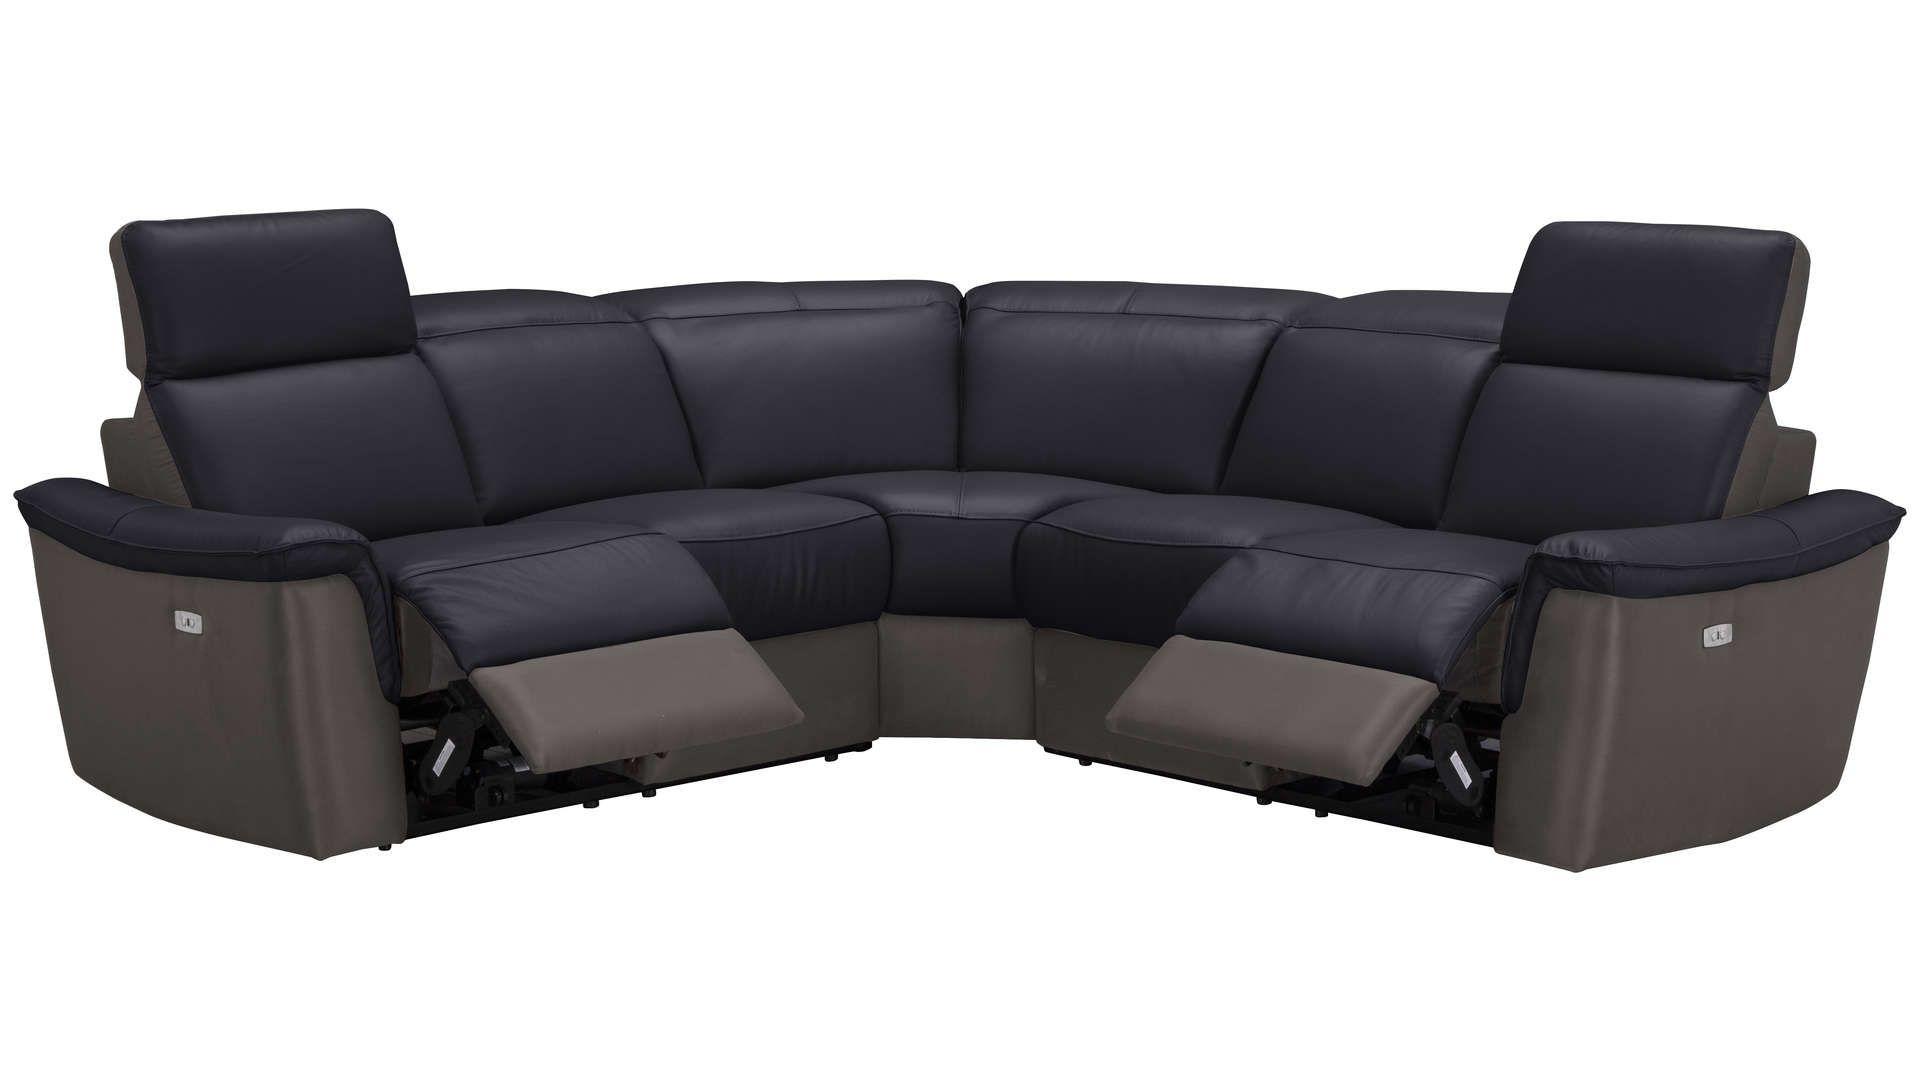 Canape D Angle Relaxation Electrique 5 Places En Cuir Tissu Milton